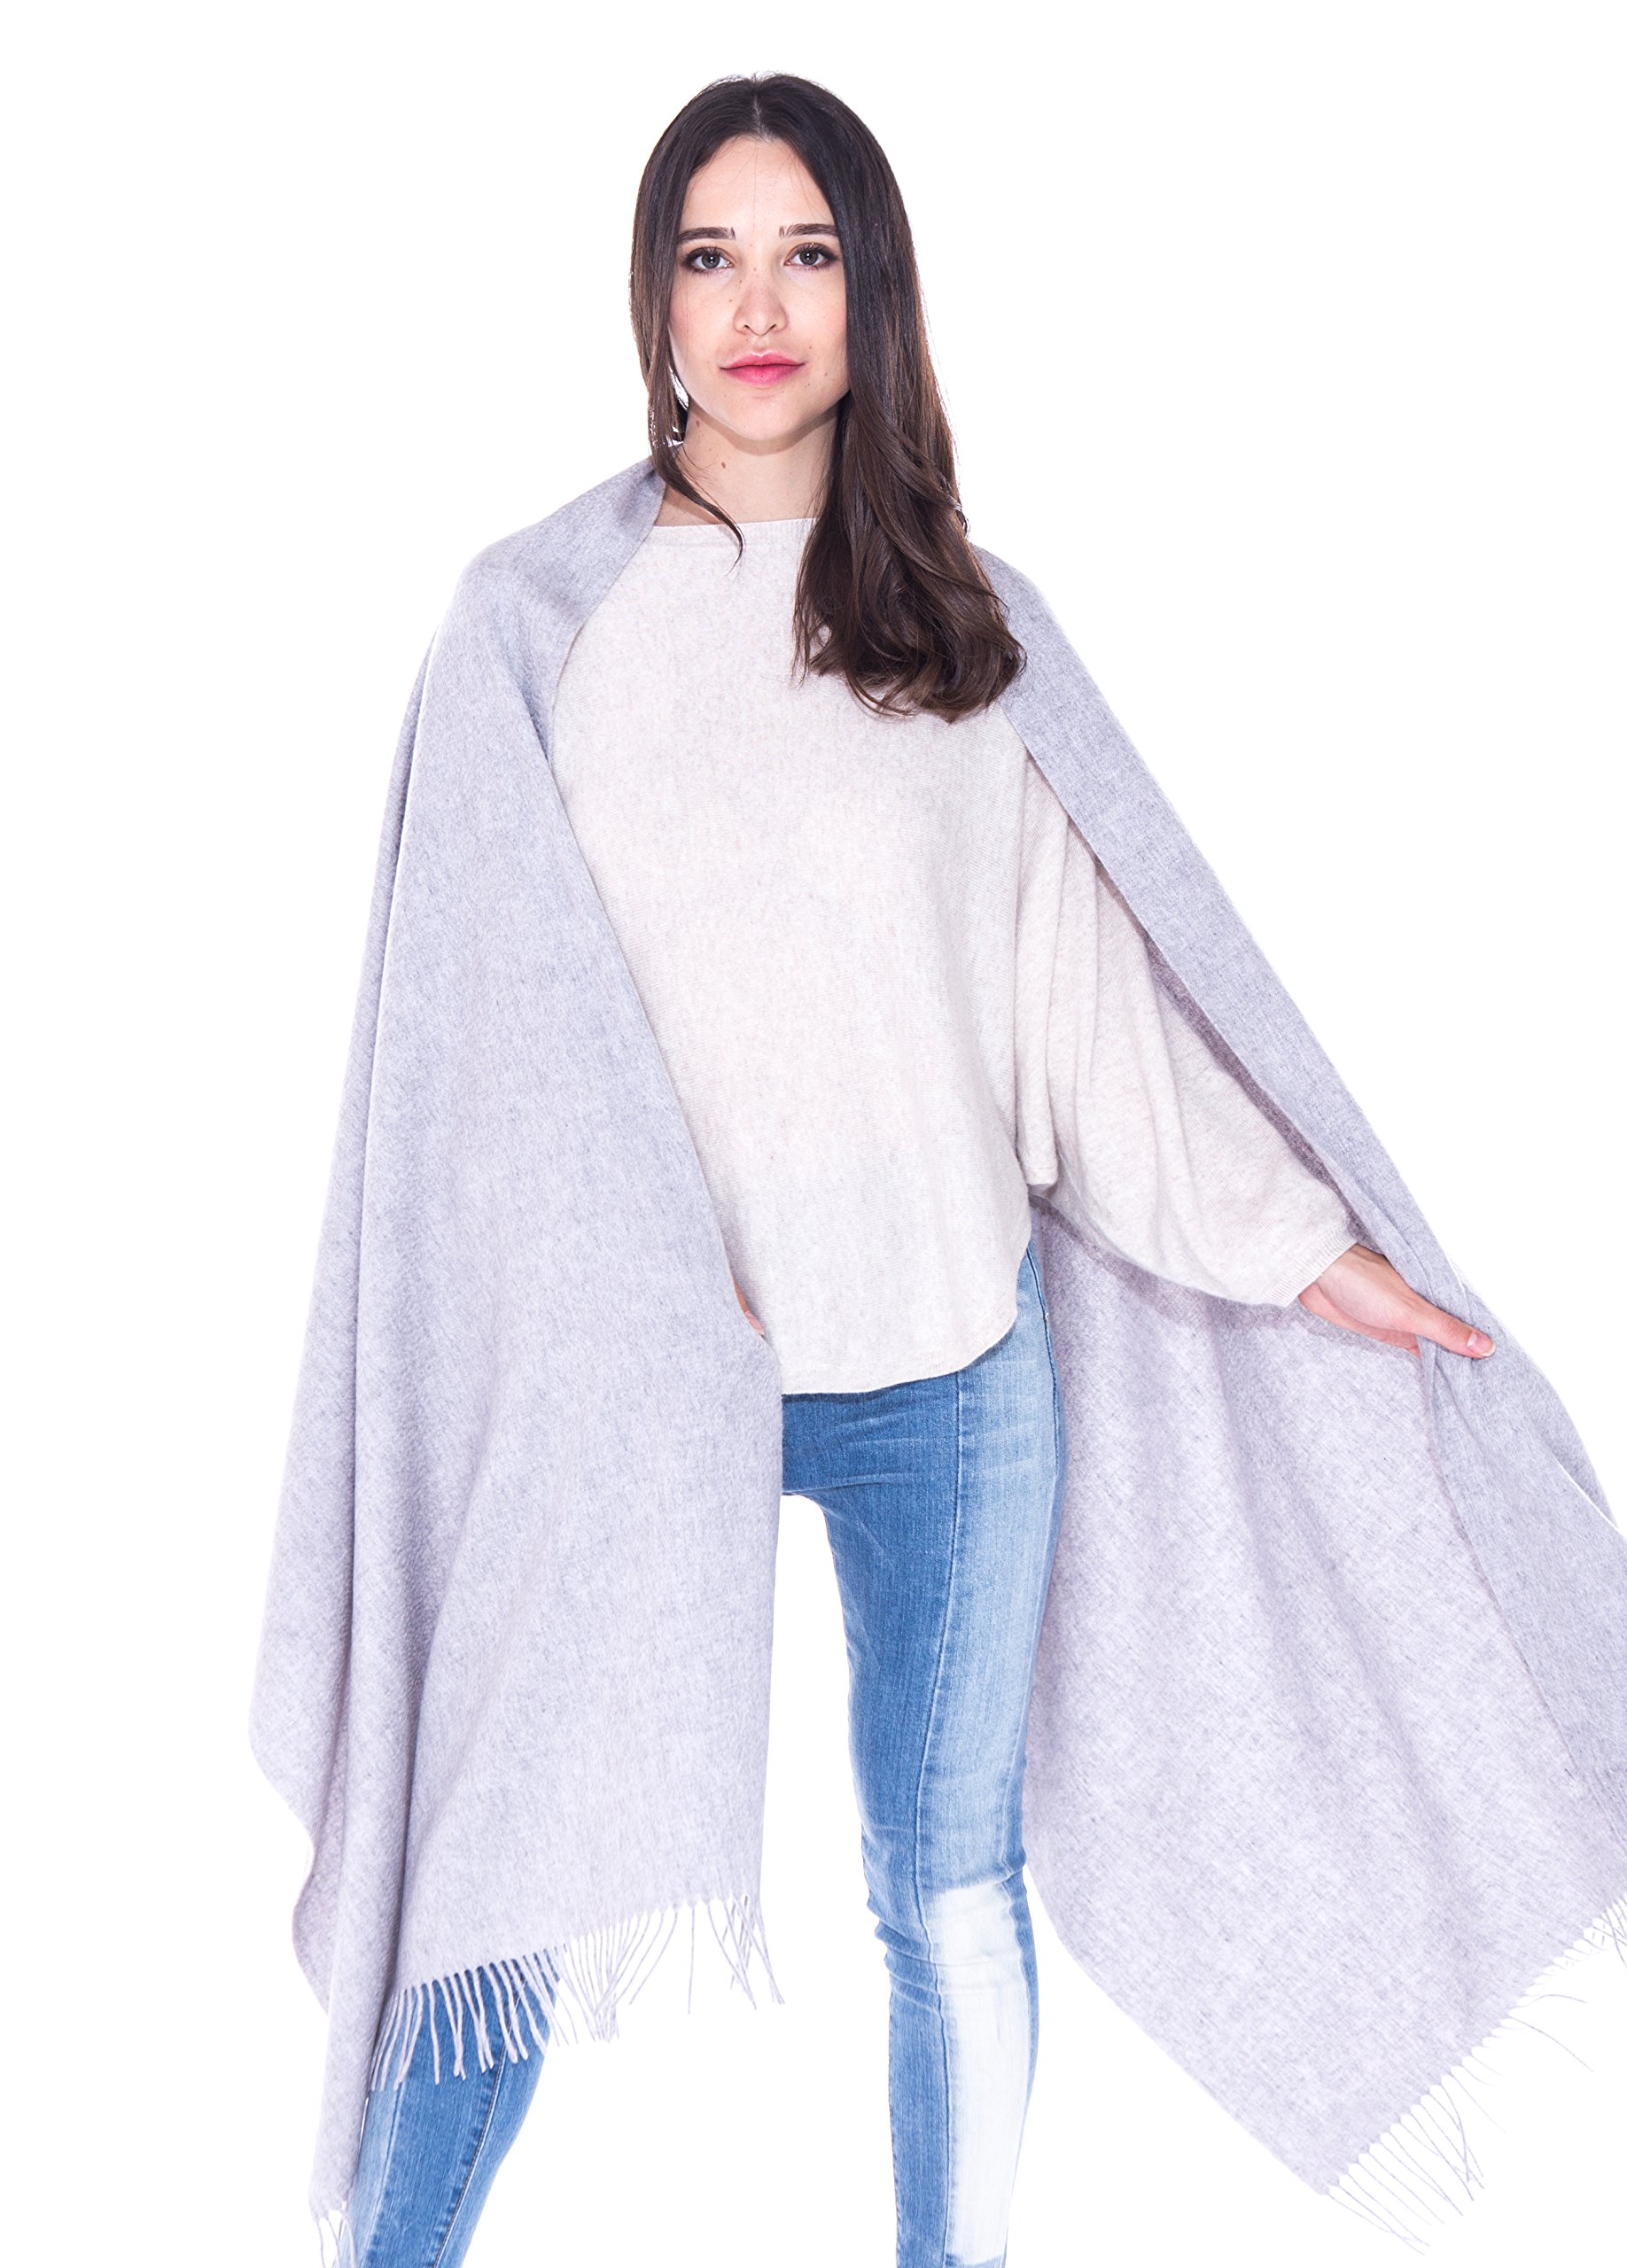 LEBAC 100% Cashmere Wrap Shawl Stole With Fringes - Extra Large Super Warm